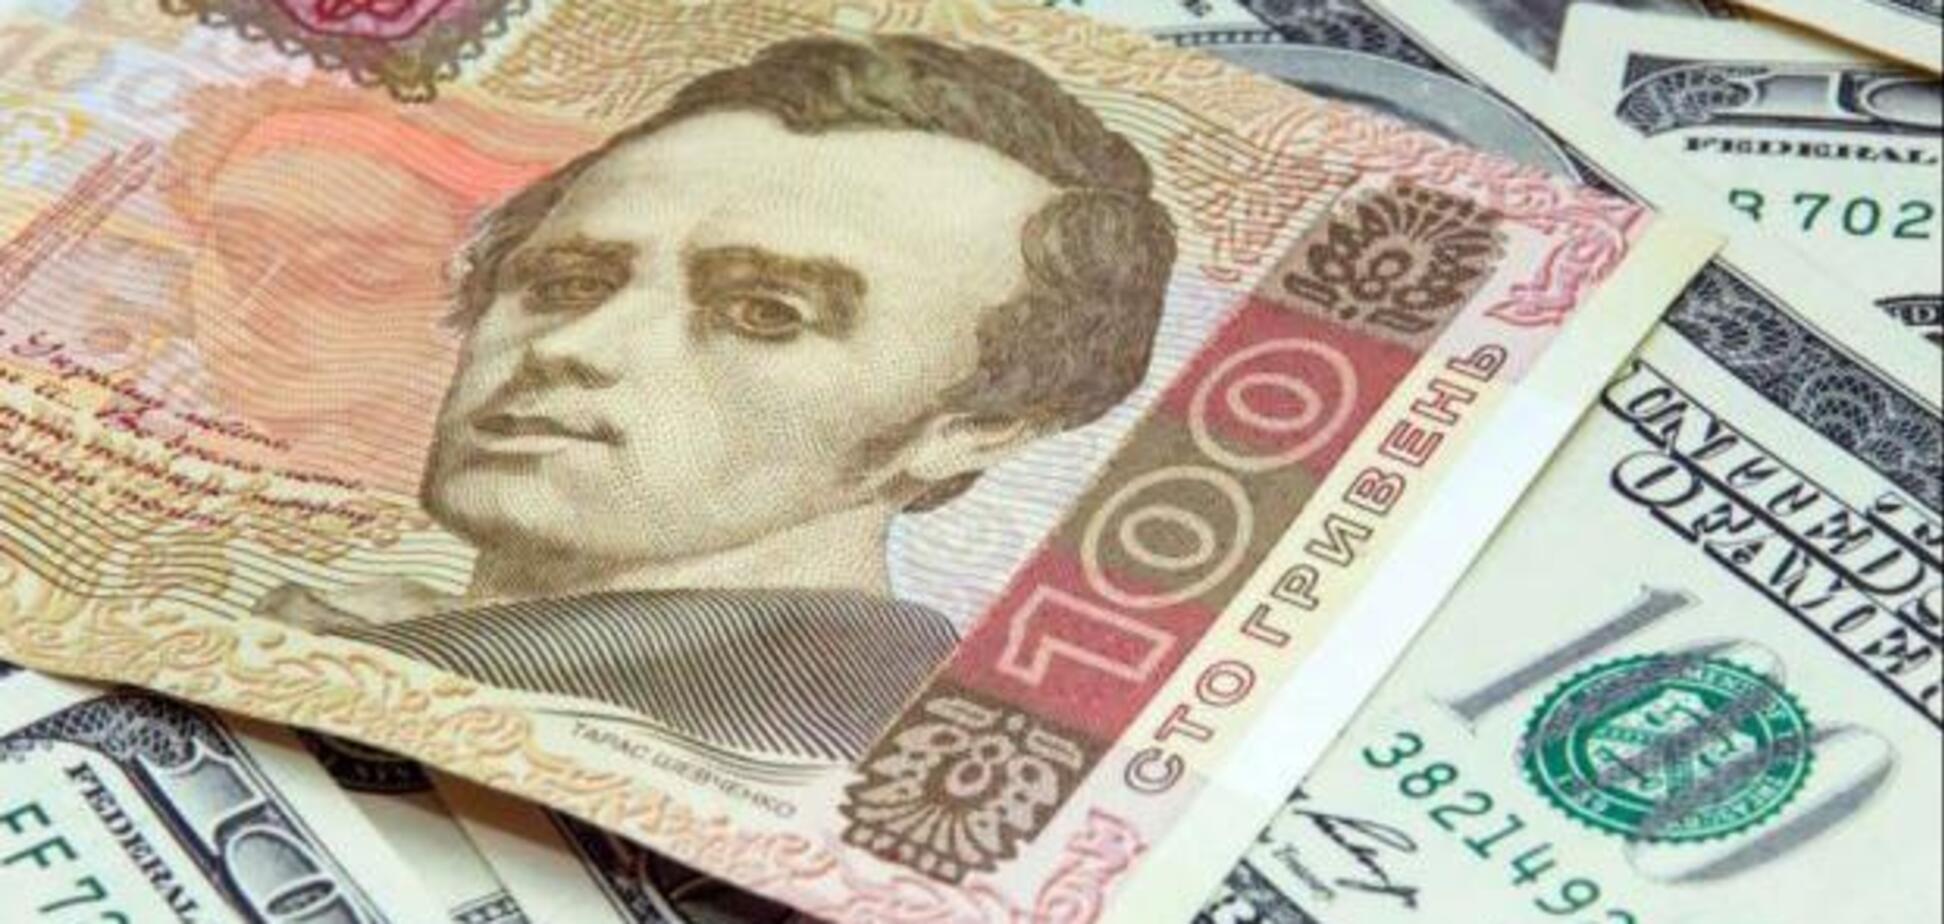 Курс долара в Україні до 2021 року: МЕРТ опублікували прогноз